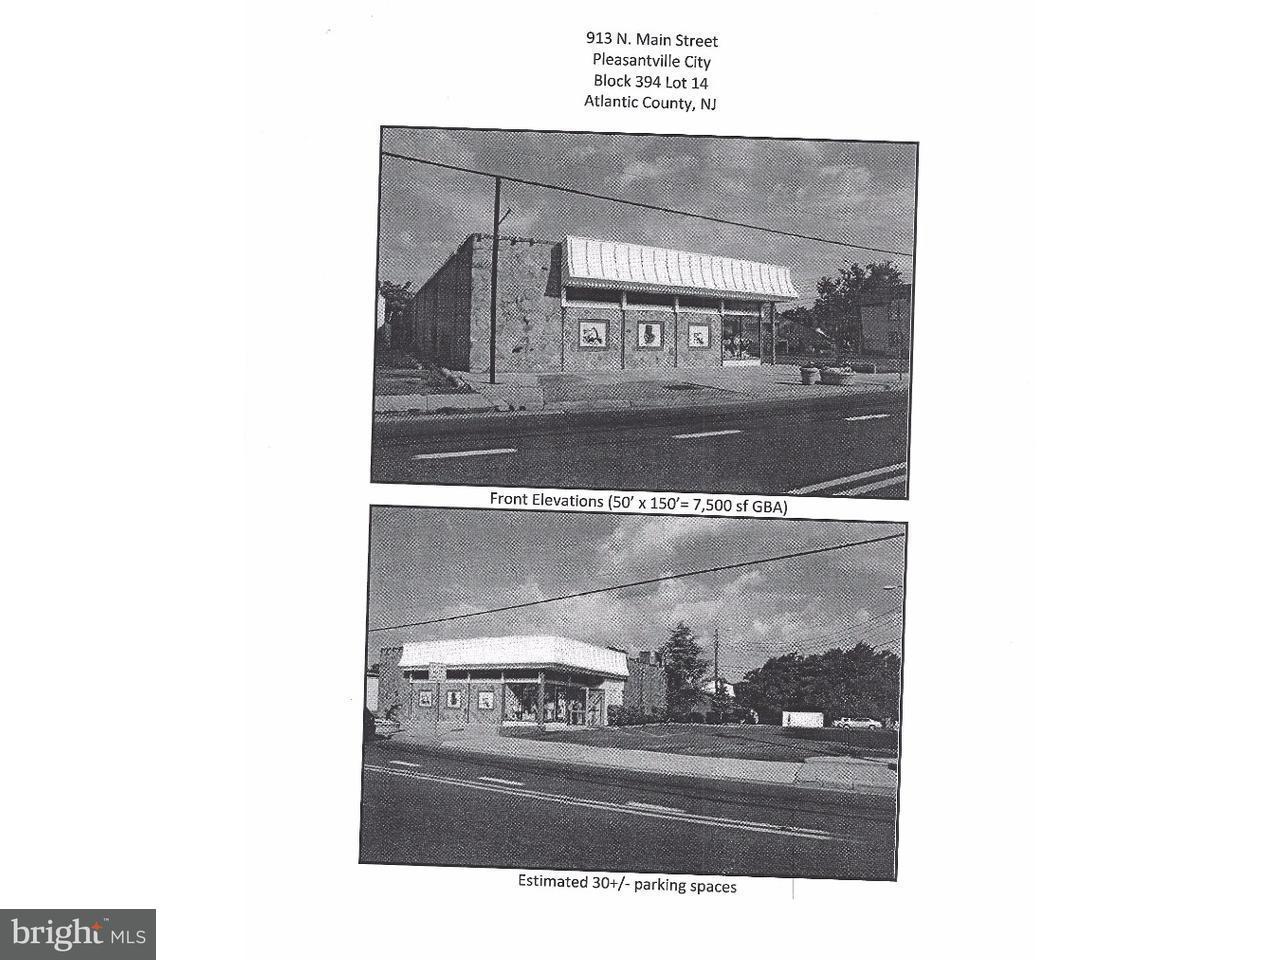 独户住宅 为 销售 在 913 N MAIN Street Pleasantville, 新泽西州 08232 美国